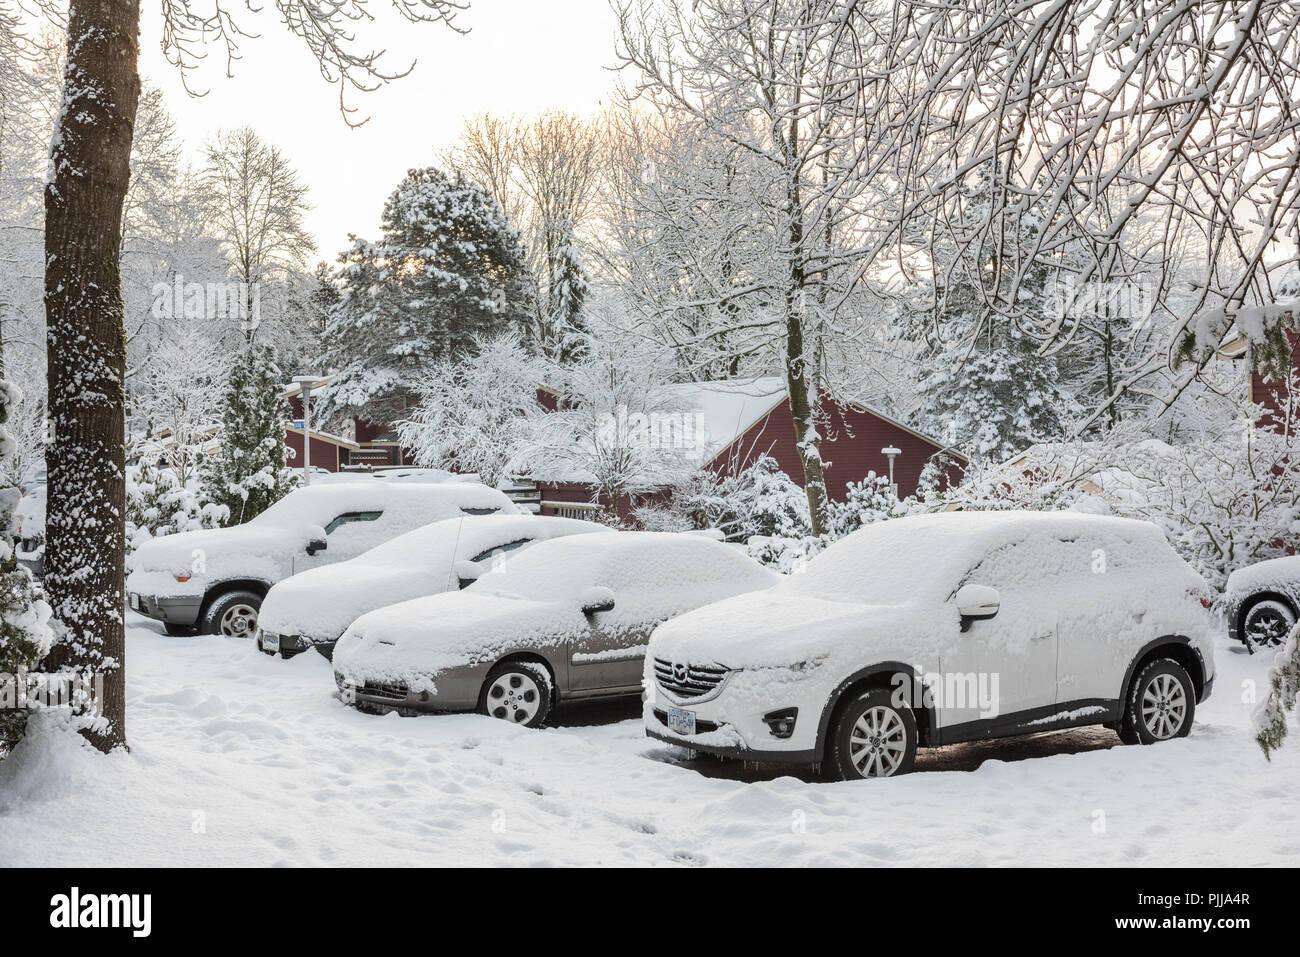 Les automobiles en stationnement couvert de neige. Photo Stock